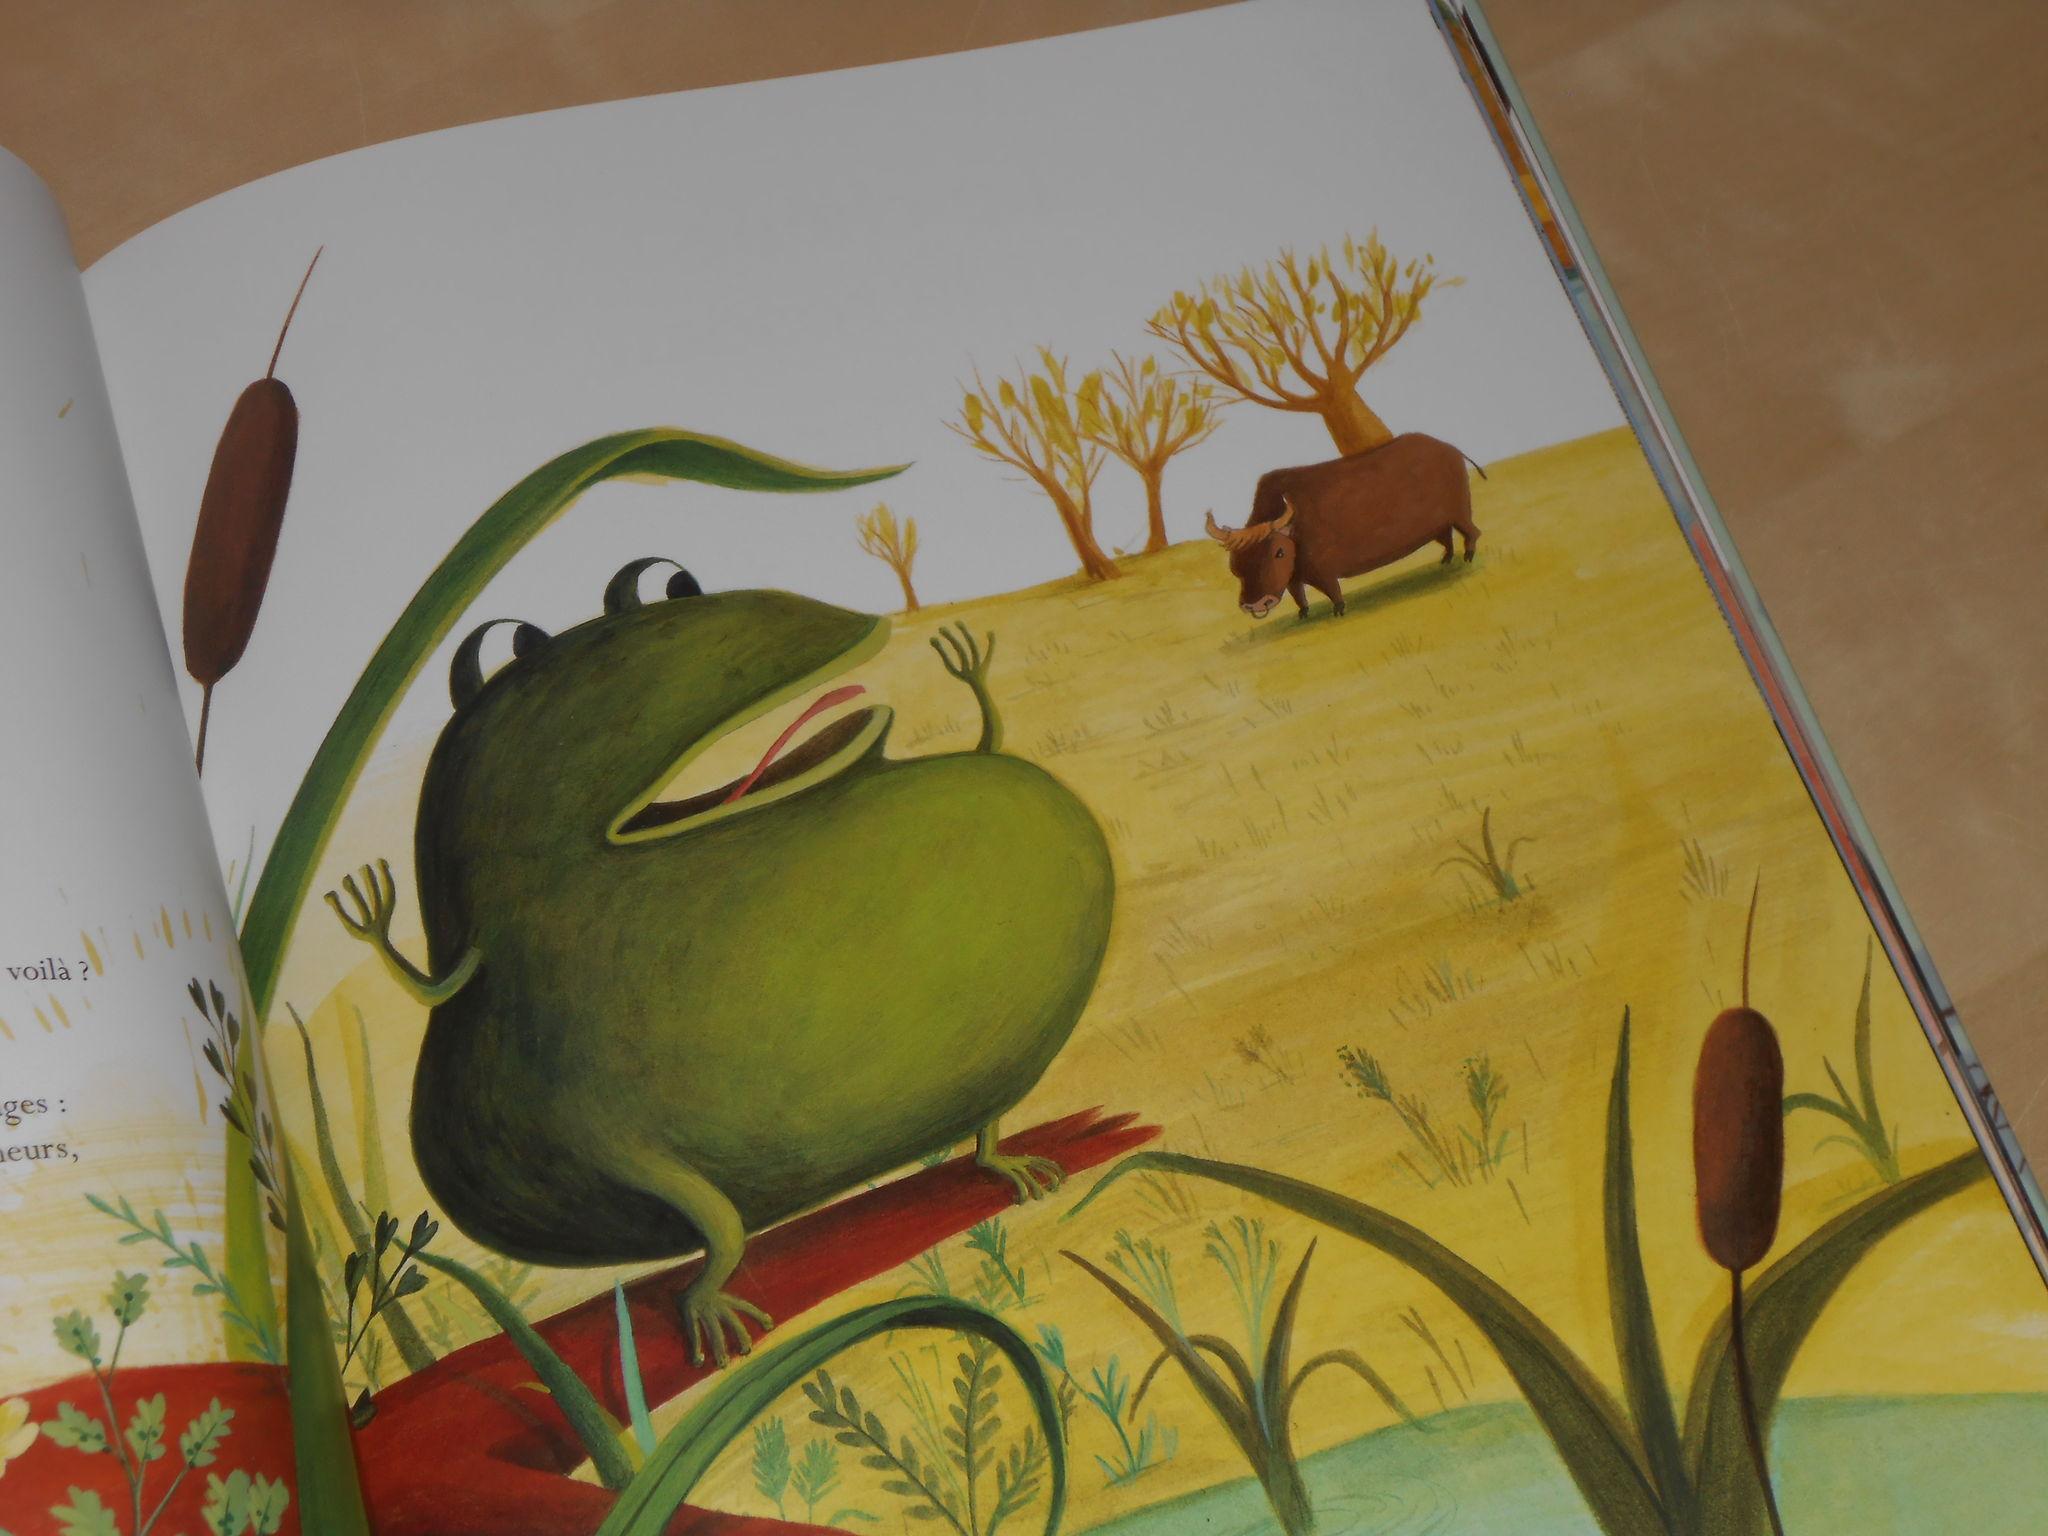 Les fables de la fontaine a l 39 ombre du saule - Image la grenouille et le boeuf ...